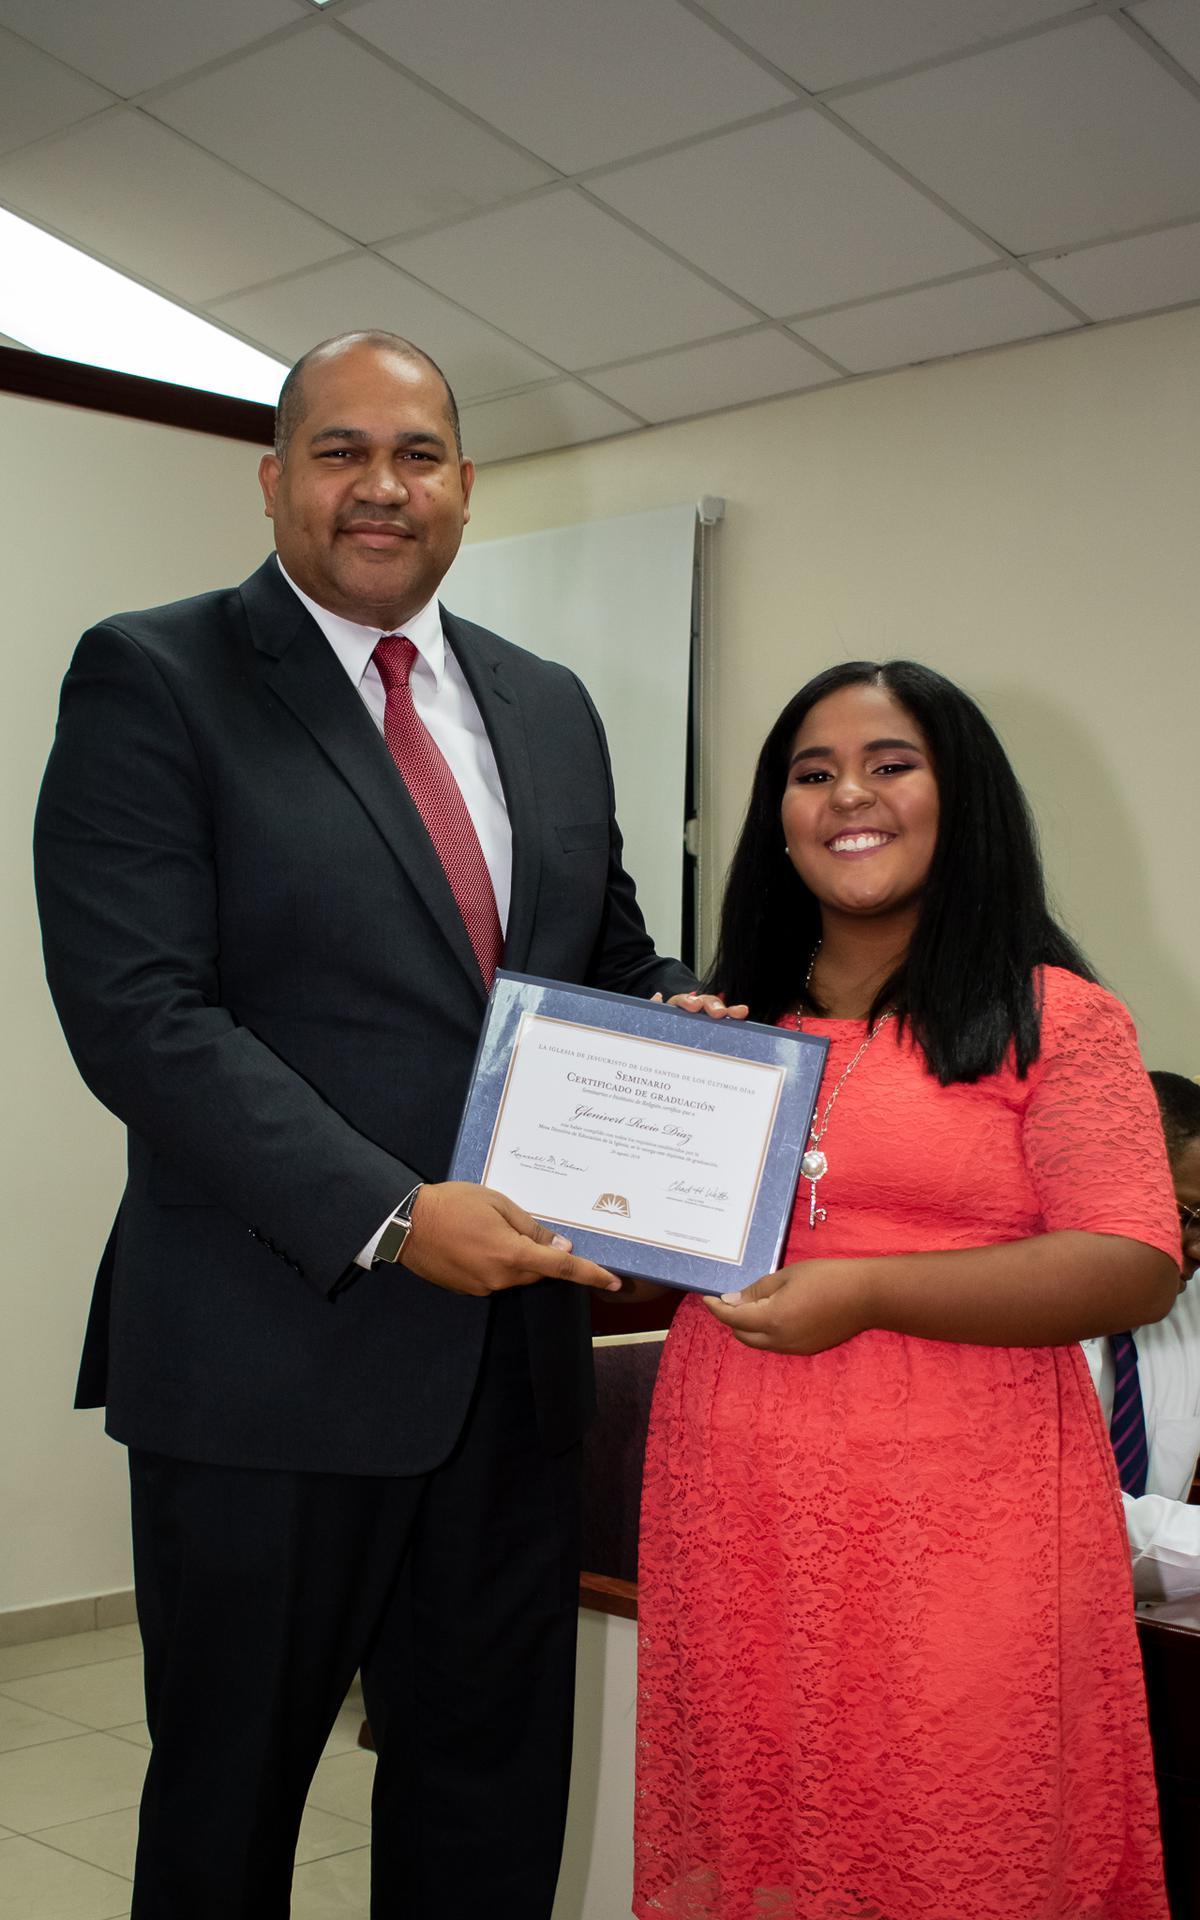 /acp/bc/Caribe Area/Caribe Area/Jovenes/Graduación Estaca Oriental/LYR_1092.jpg